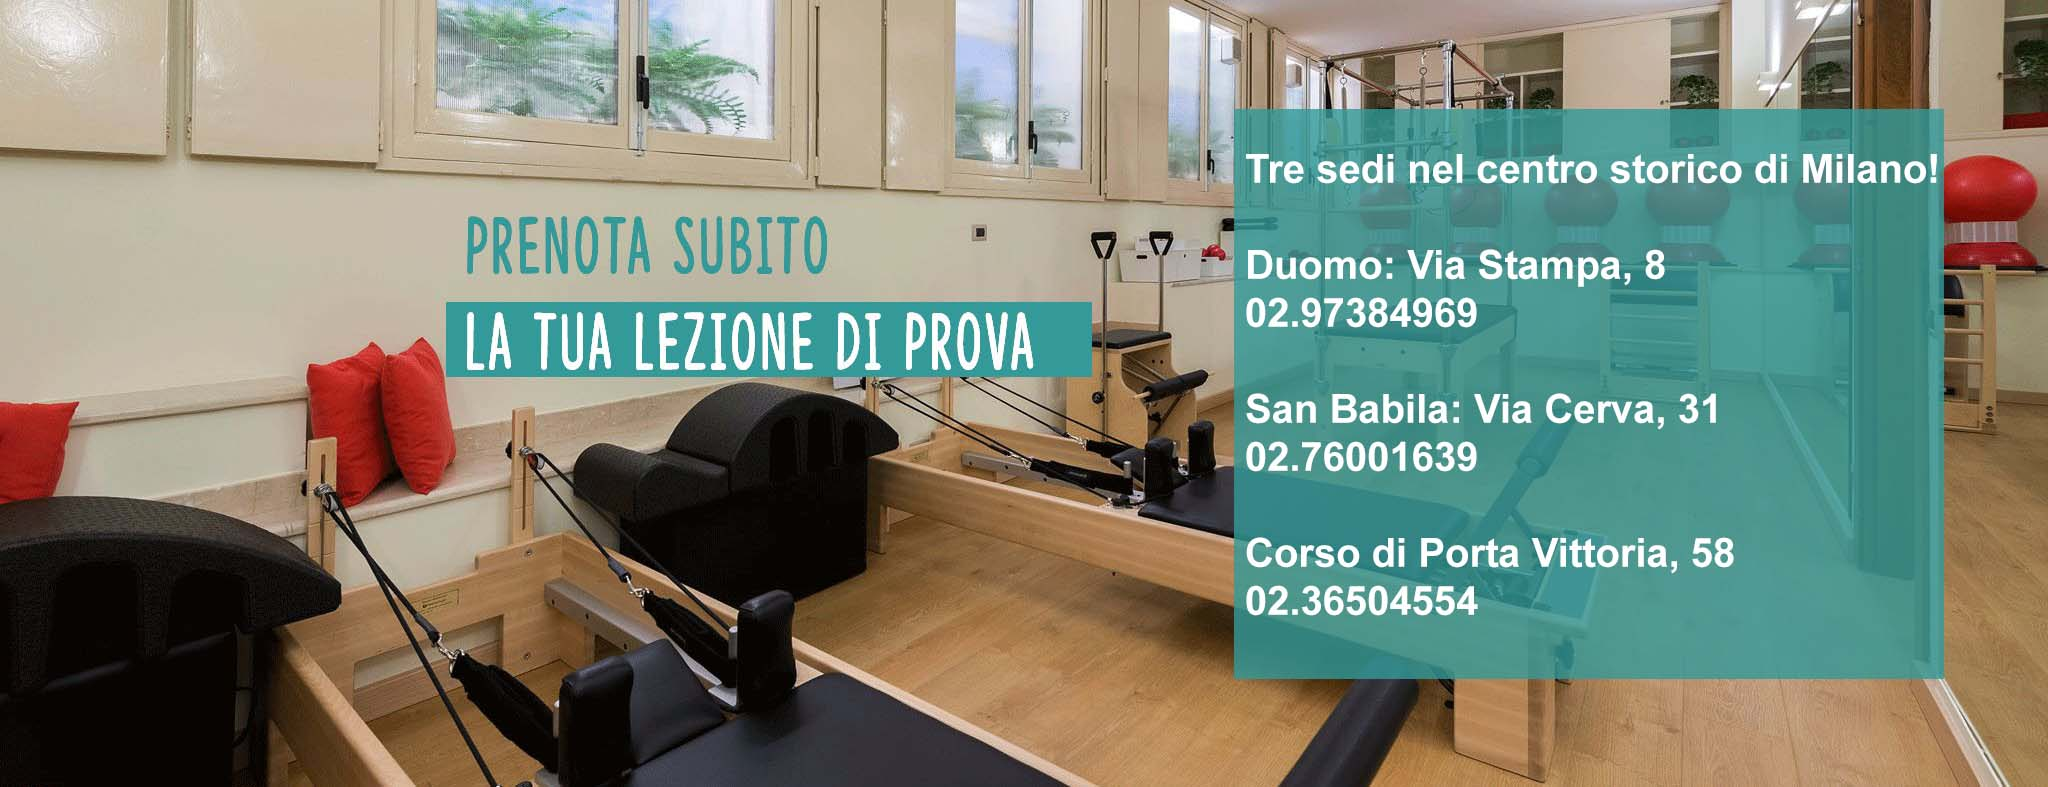 Personal Trainer Pilates Crocetta Milano - Prenota subito la tua lezione di prova